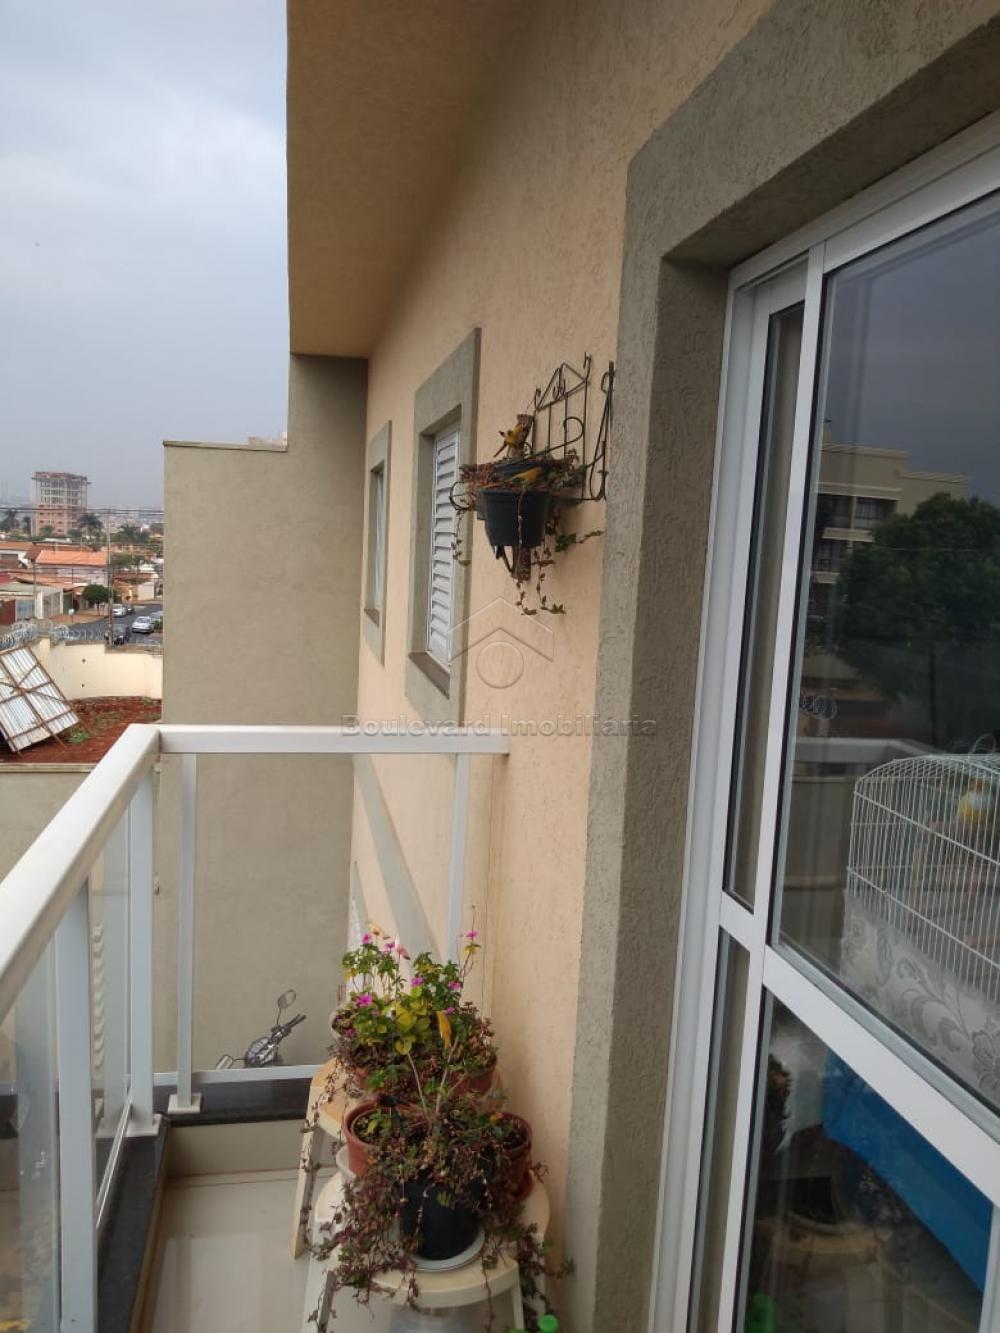 Comprar Apartamento / Padrão em Ribeirão Preto R$ 257.000,00 - Foto 1